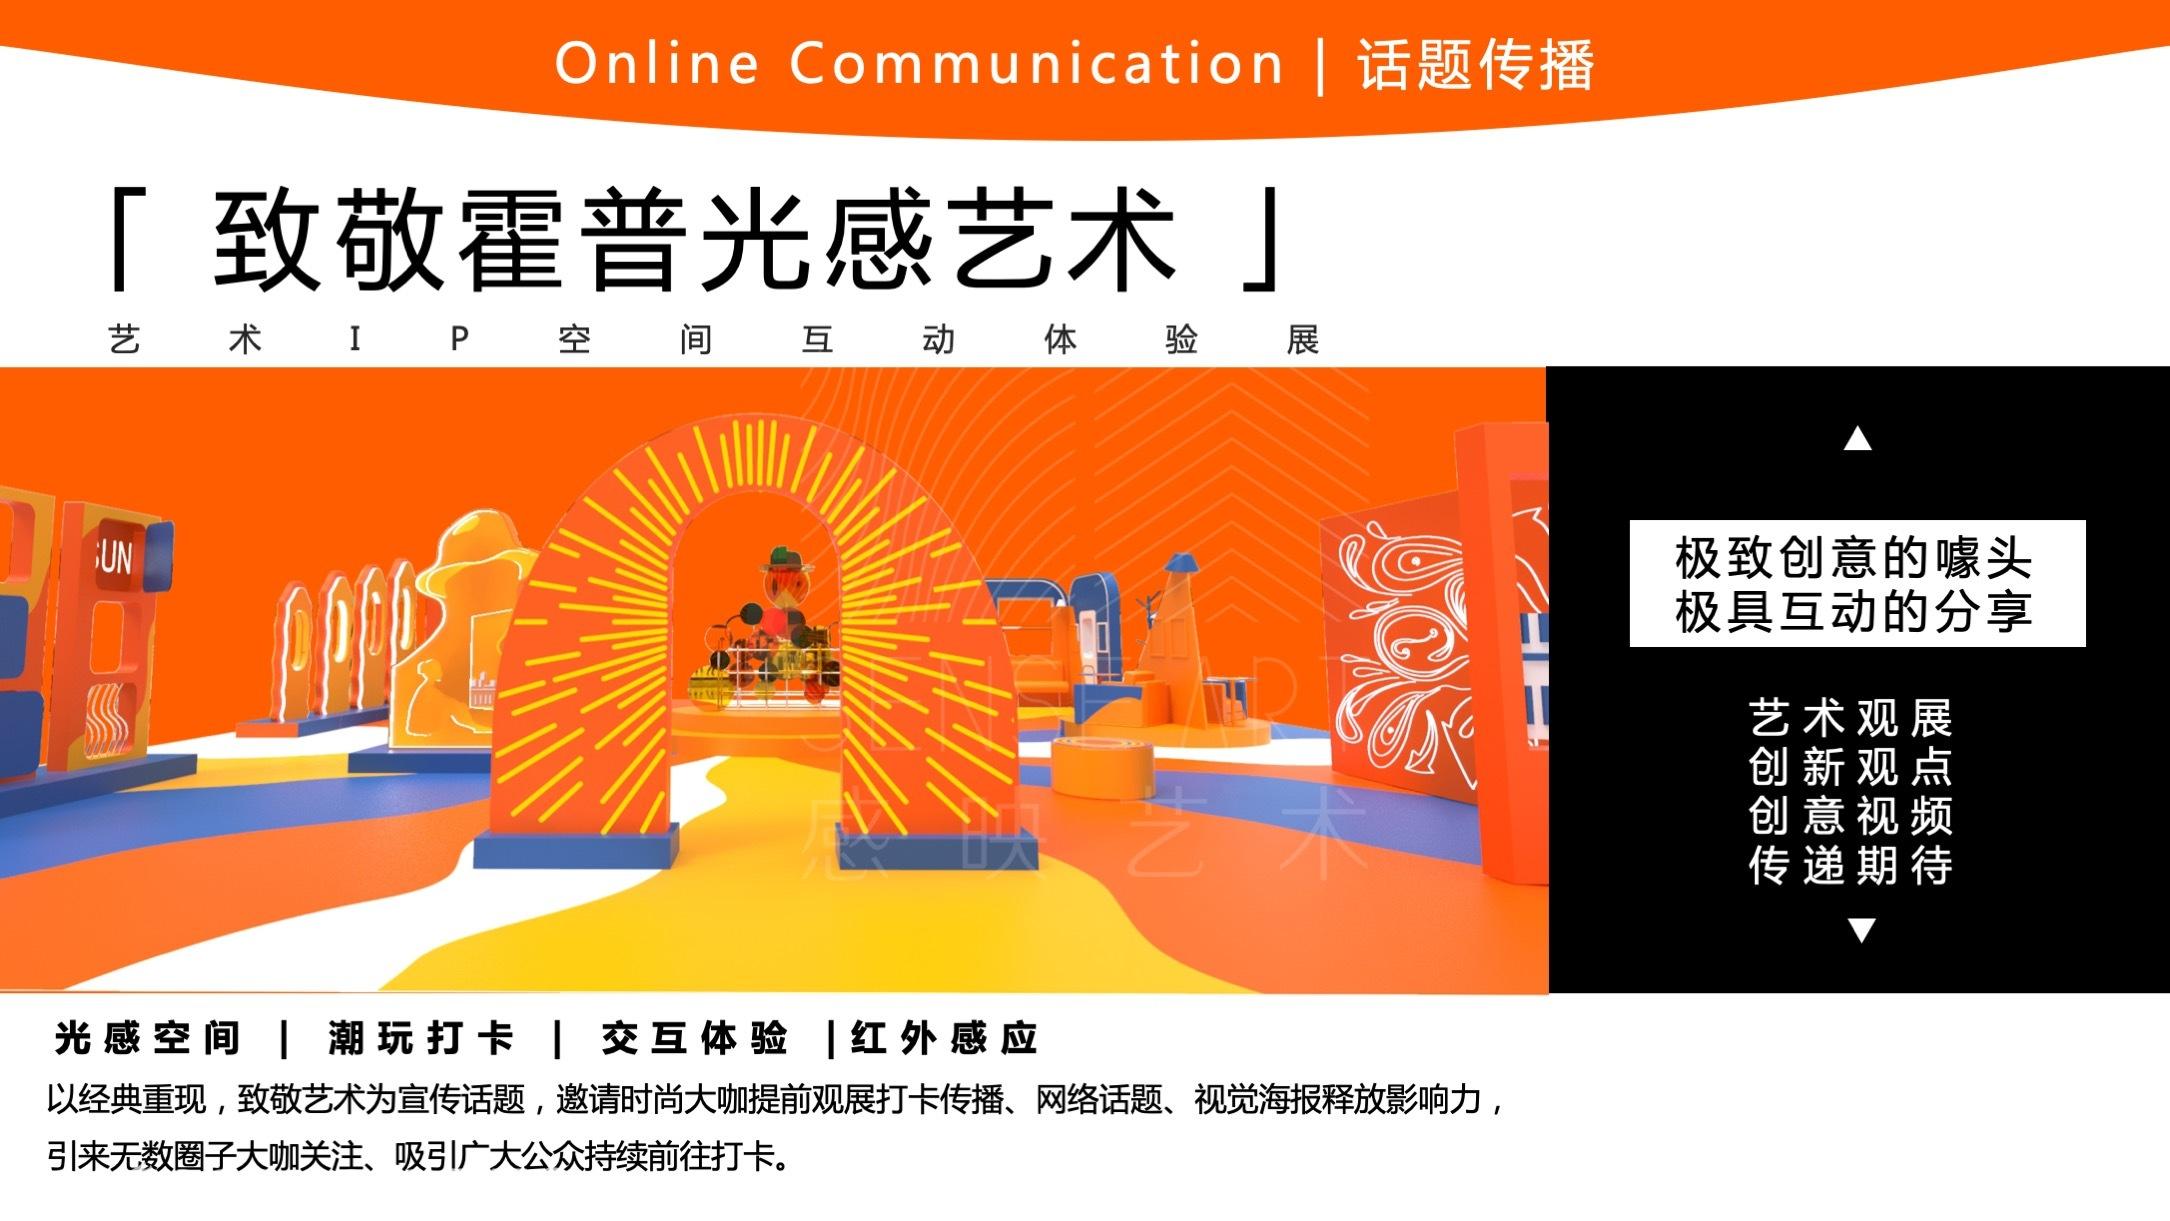 【霍普光感艺术博物馆】艺术IP空间互动体验展-感映艺术出品